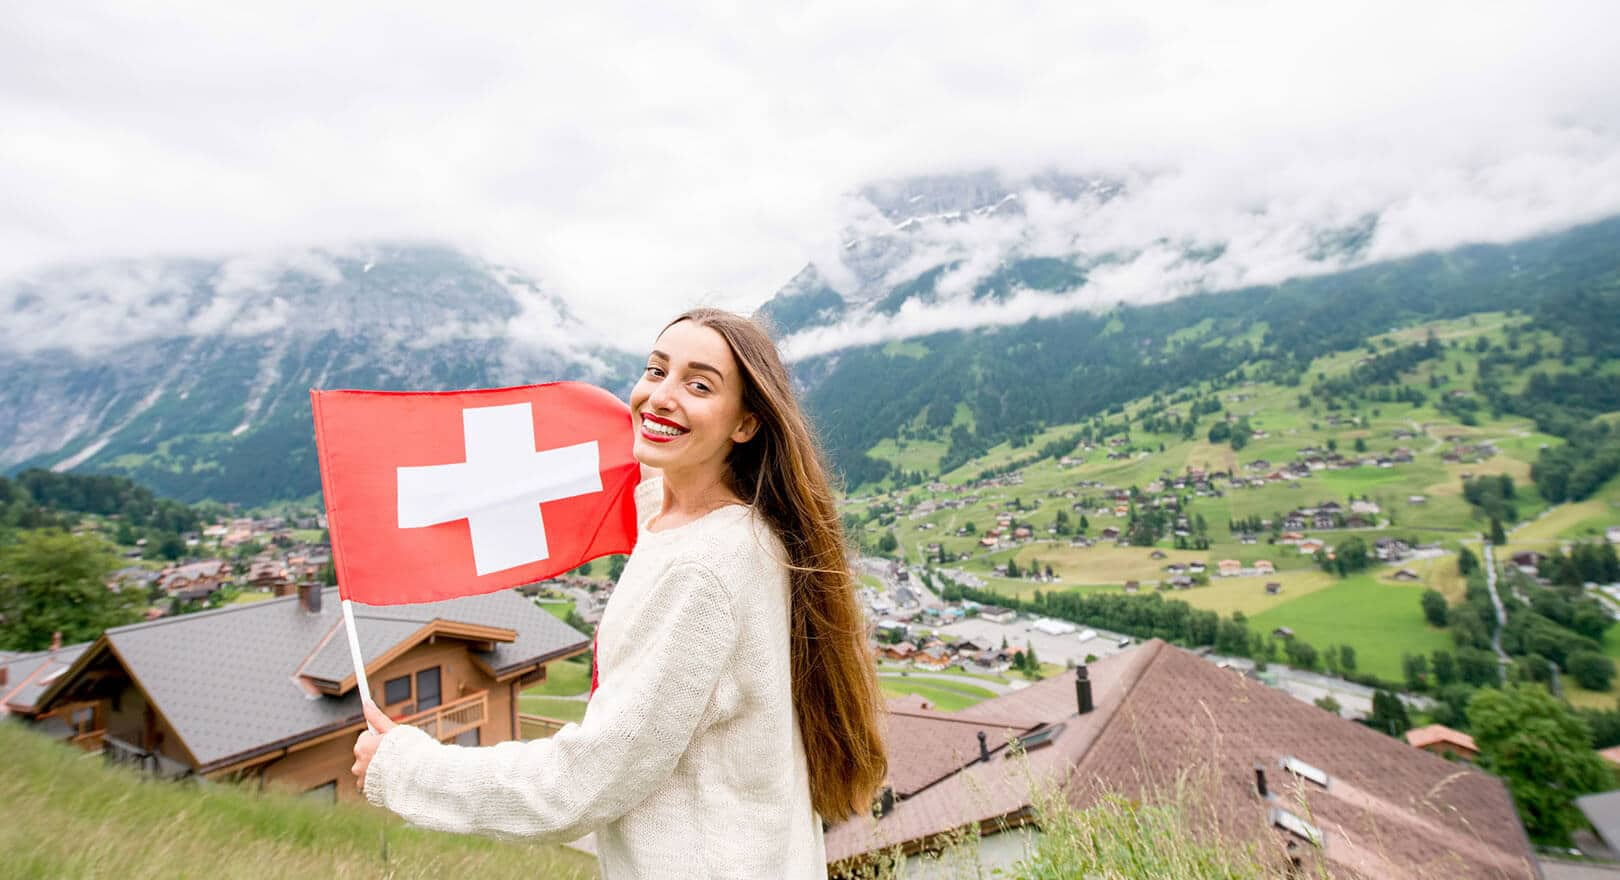 Tarif MAWISTA Student und die Befreiung von der obligatorischen Krankenversicherungspflicht in der Schweiz